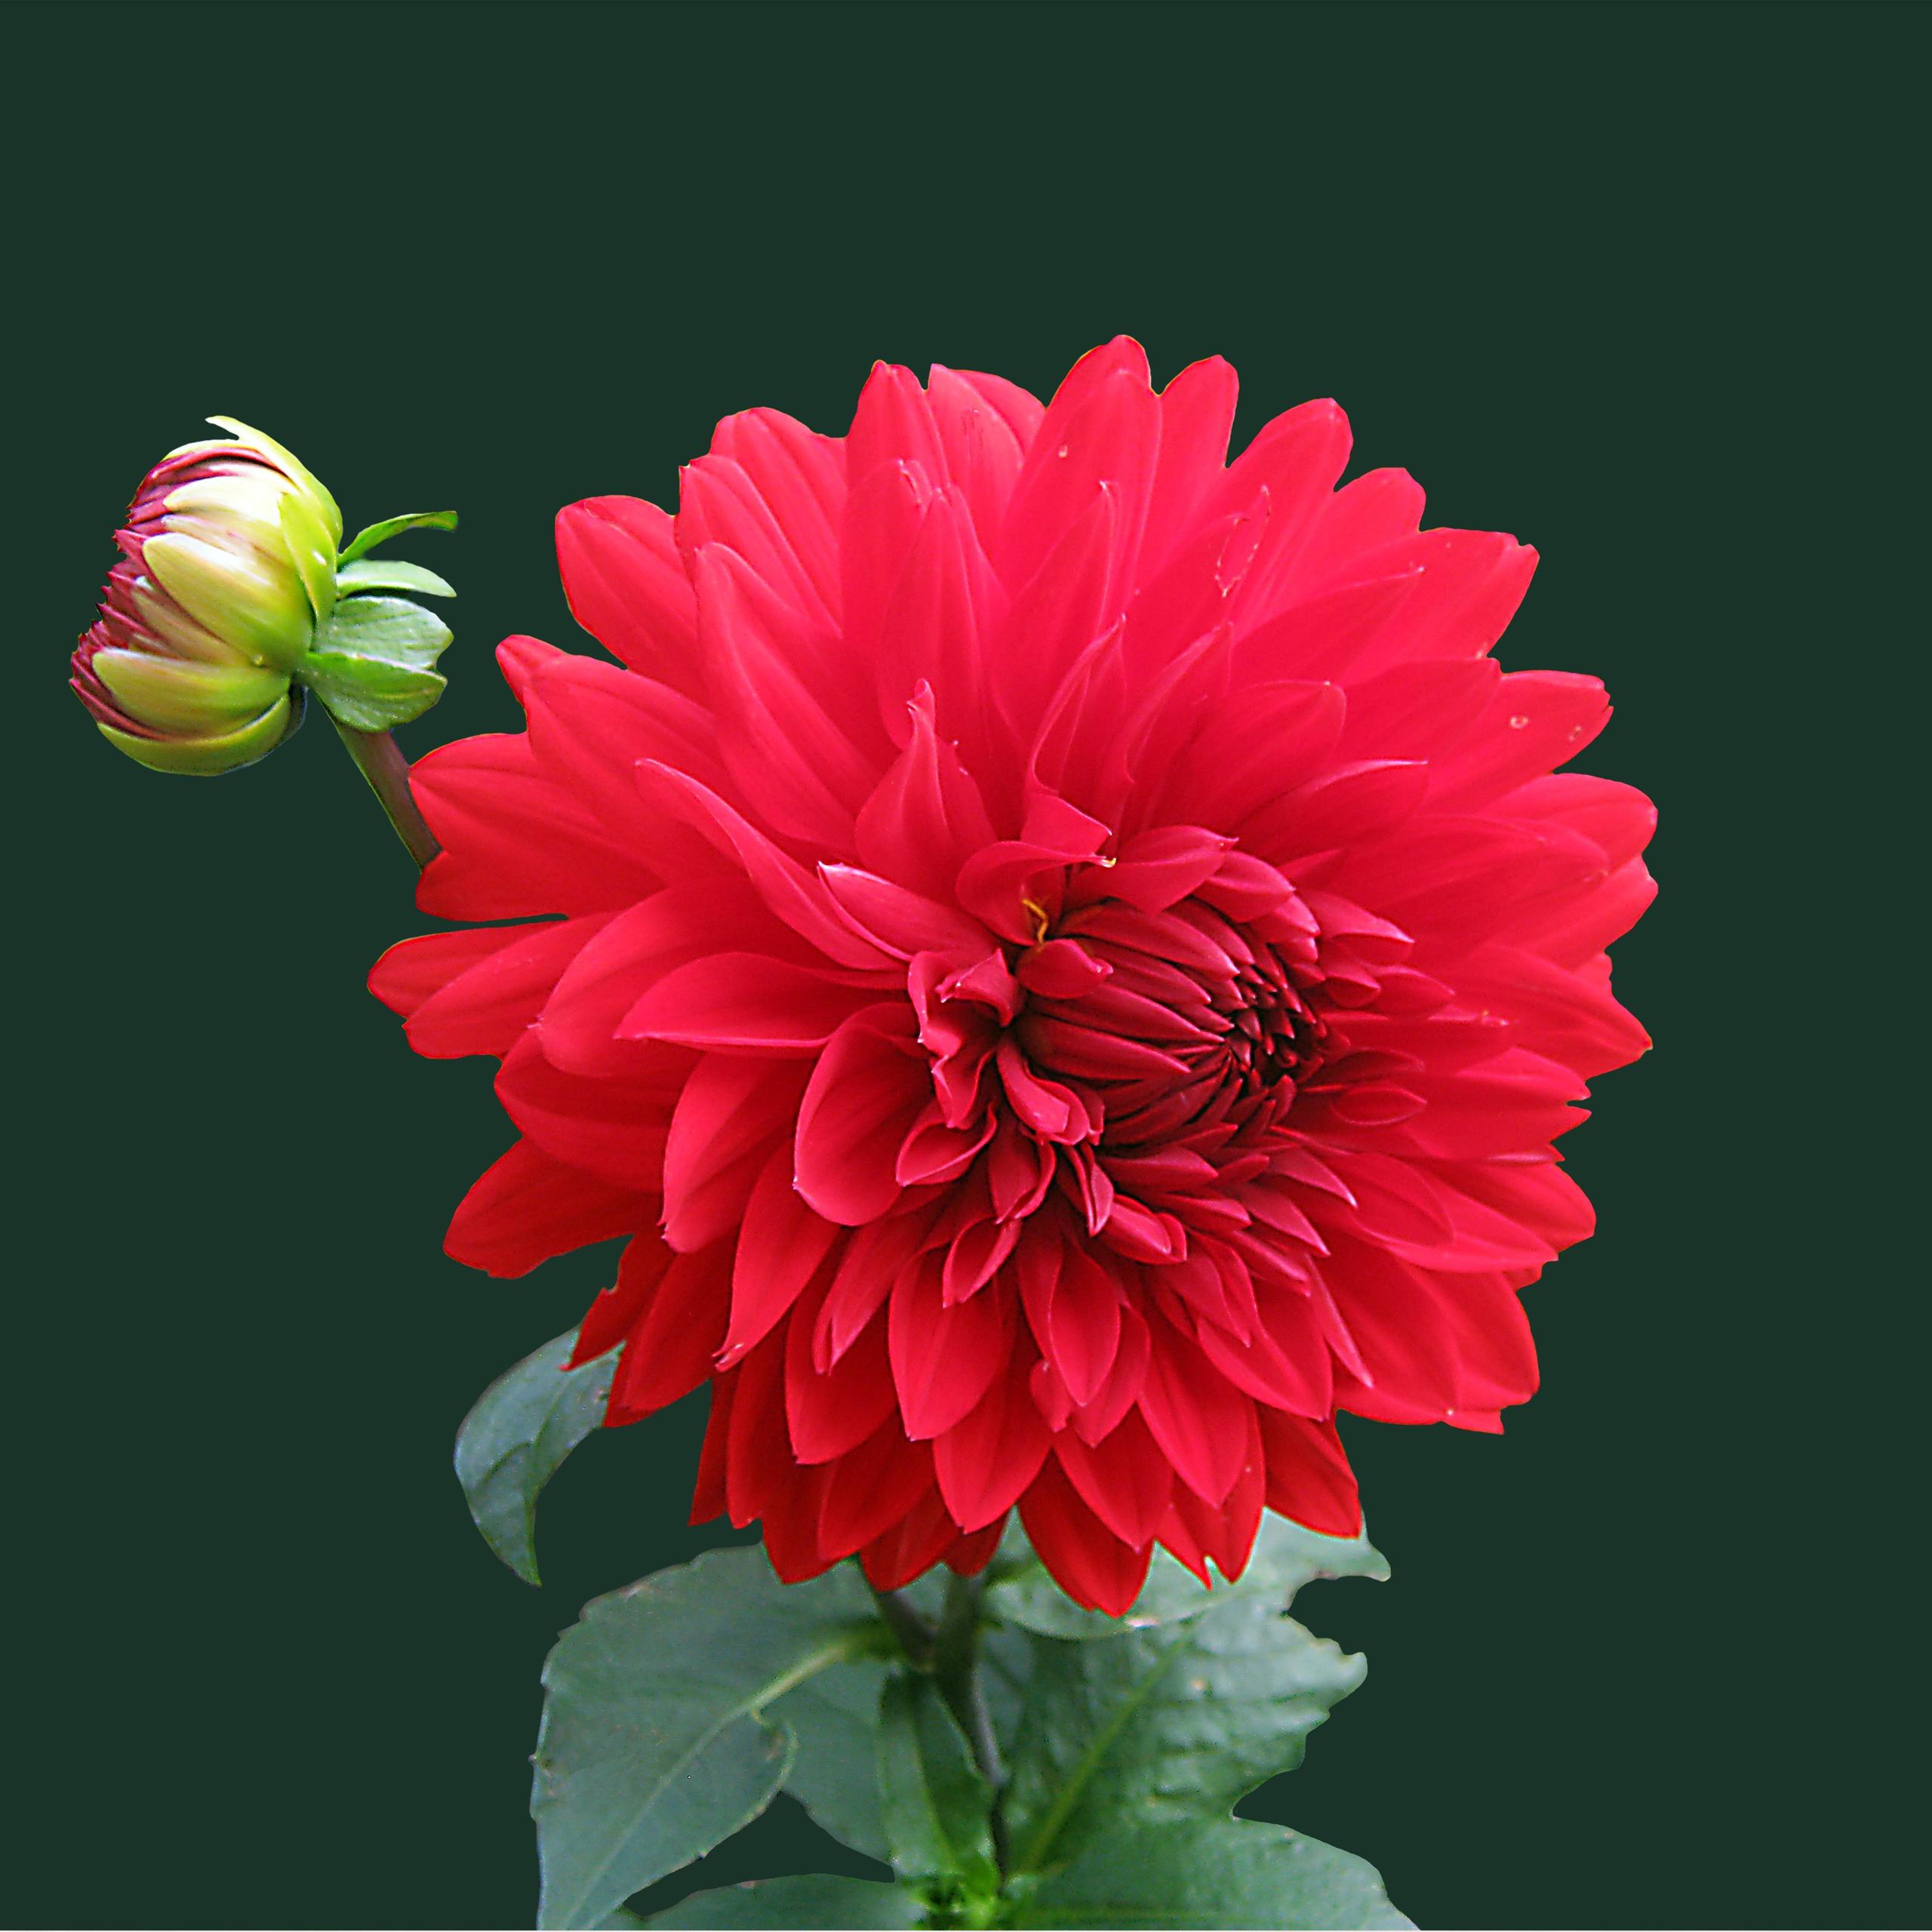 بالصور صور اجمل ورد , صور وقت تزهير الورد رائعة 3224 2